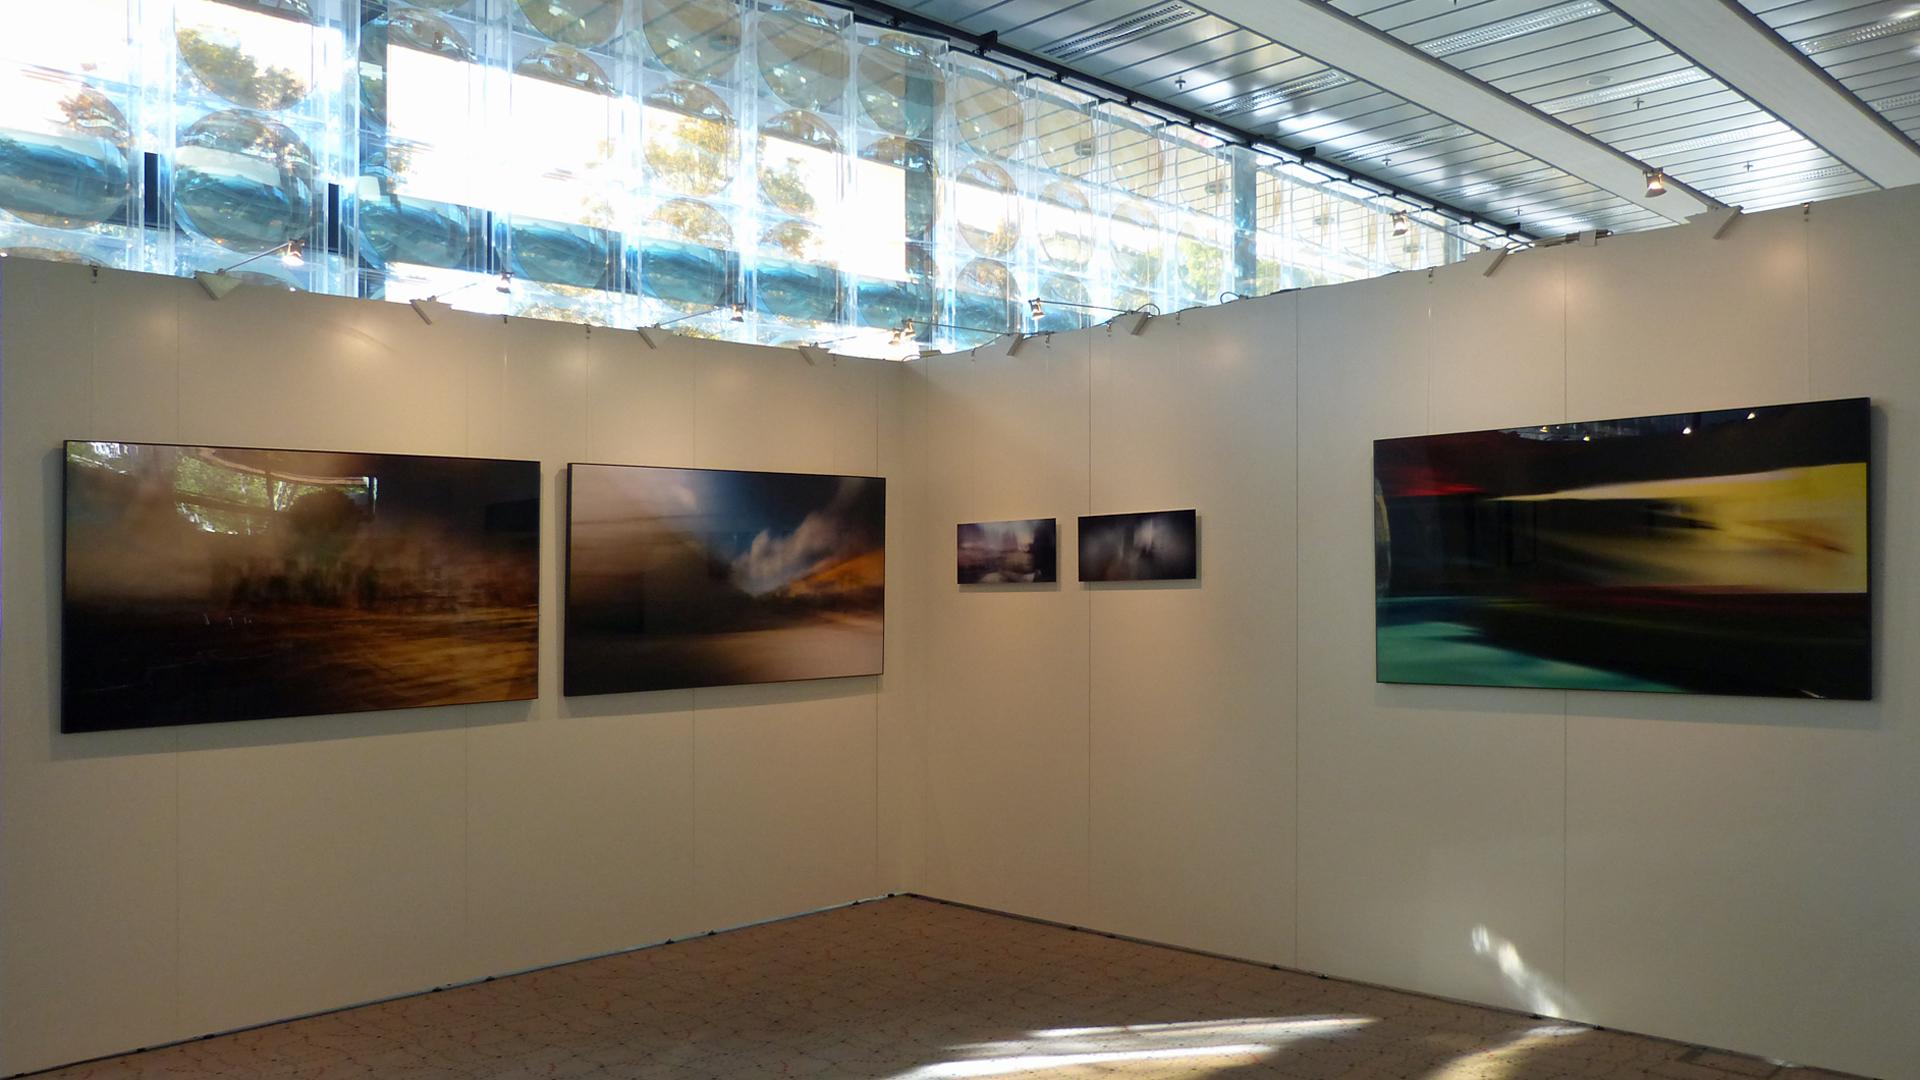 Impressionen der Ausstellung in der Sparkasse.